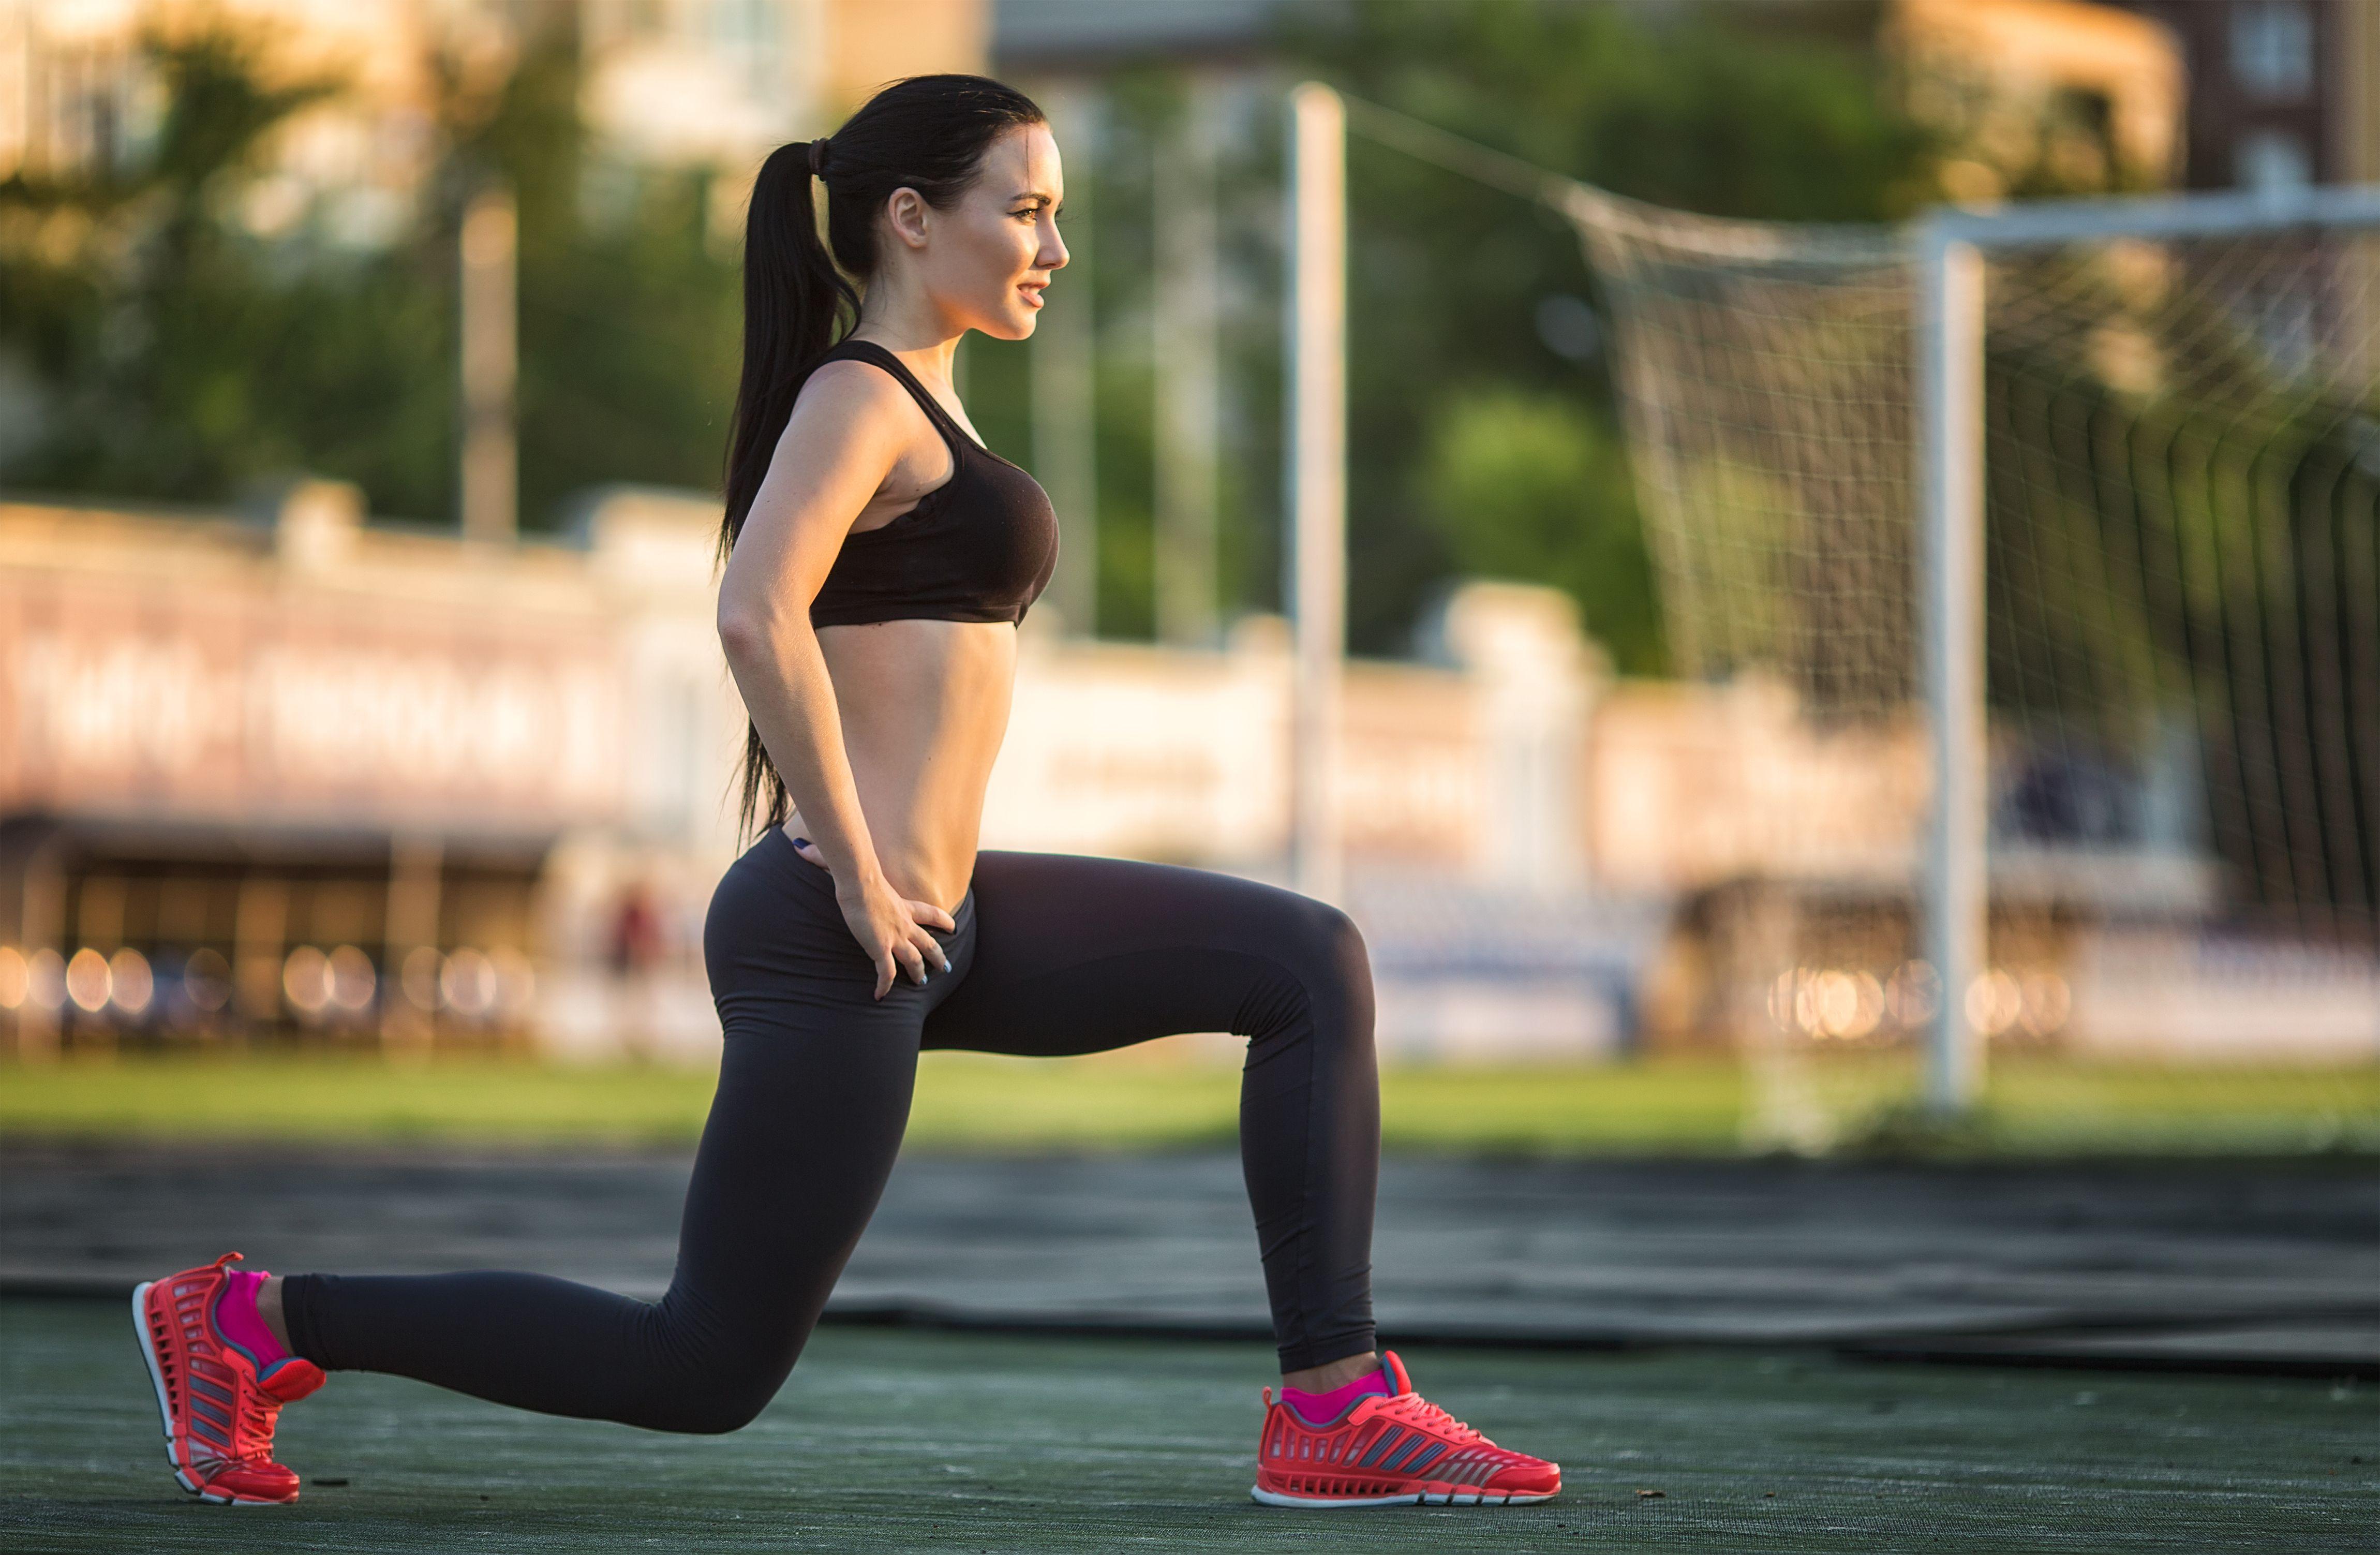 Як накачати більш сильні ноги: 10 варіацій присідань